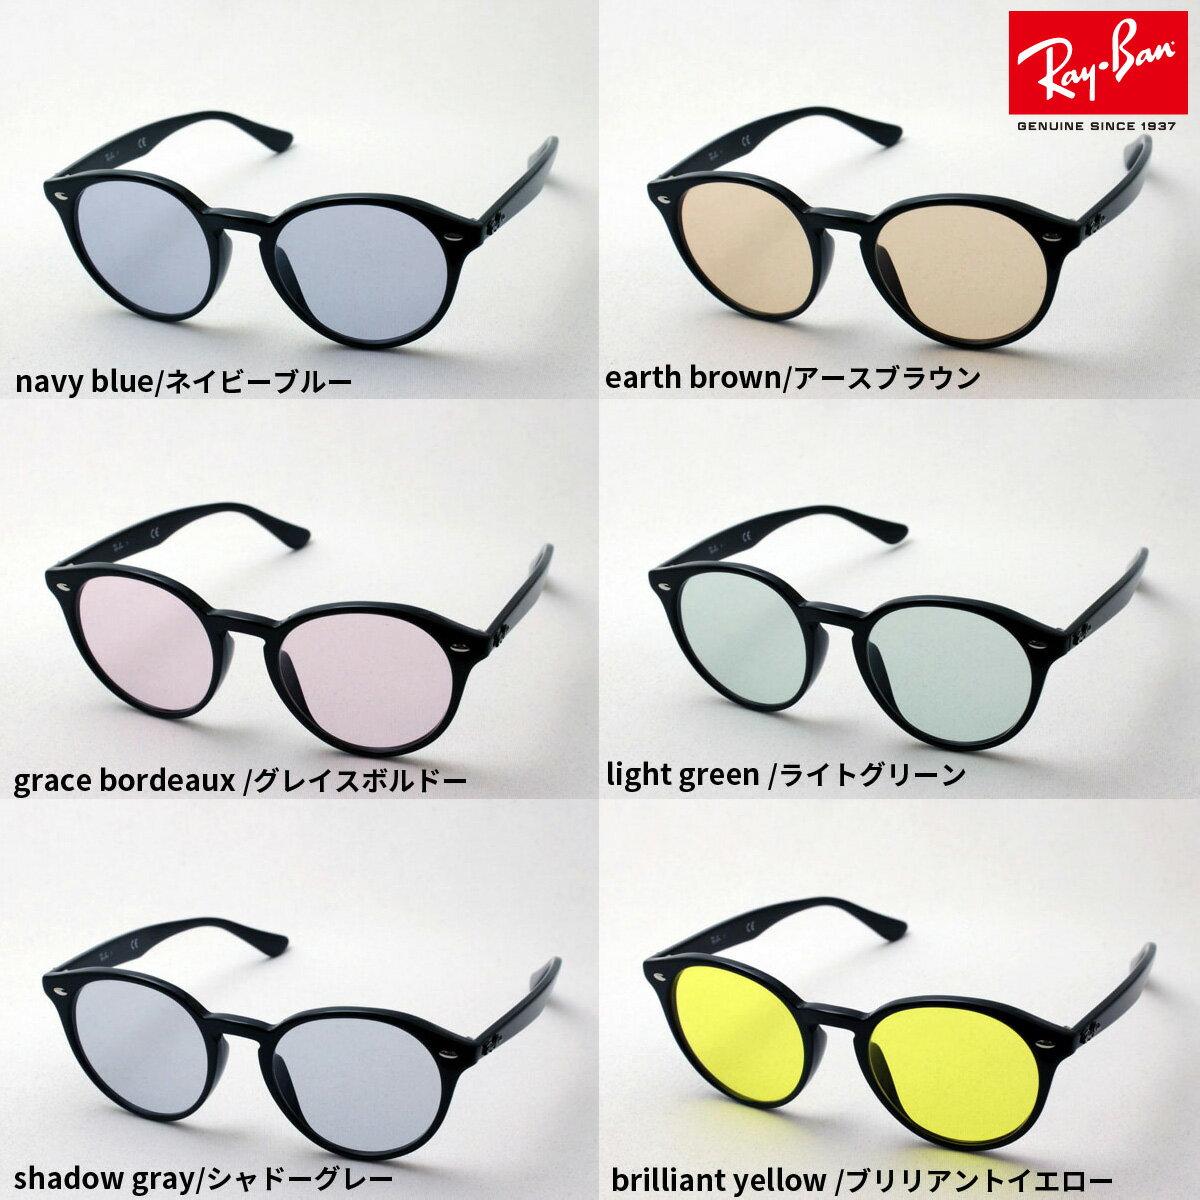 正規レイバン 日本最大級の品揃え レイバン サングラス Ray-Ban RX2180VF 2000 世界最高峰レンズメーカーHOYA製 ライトカラー レディース メンズ カラーレンズサングラス ブルーレンズ メガネ メガネフレーム RayBan light color ボストン